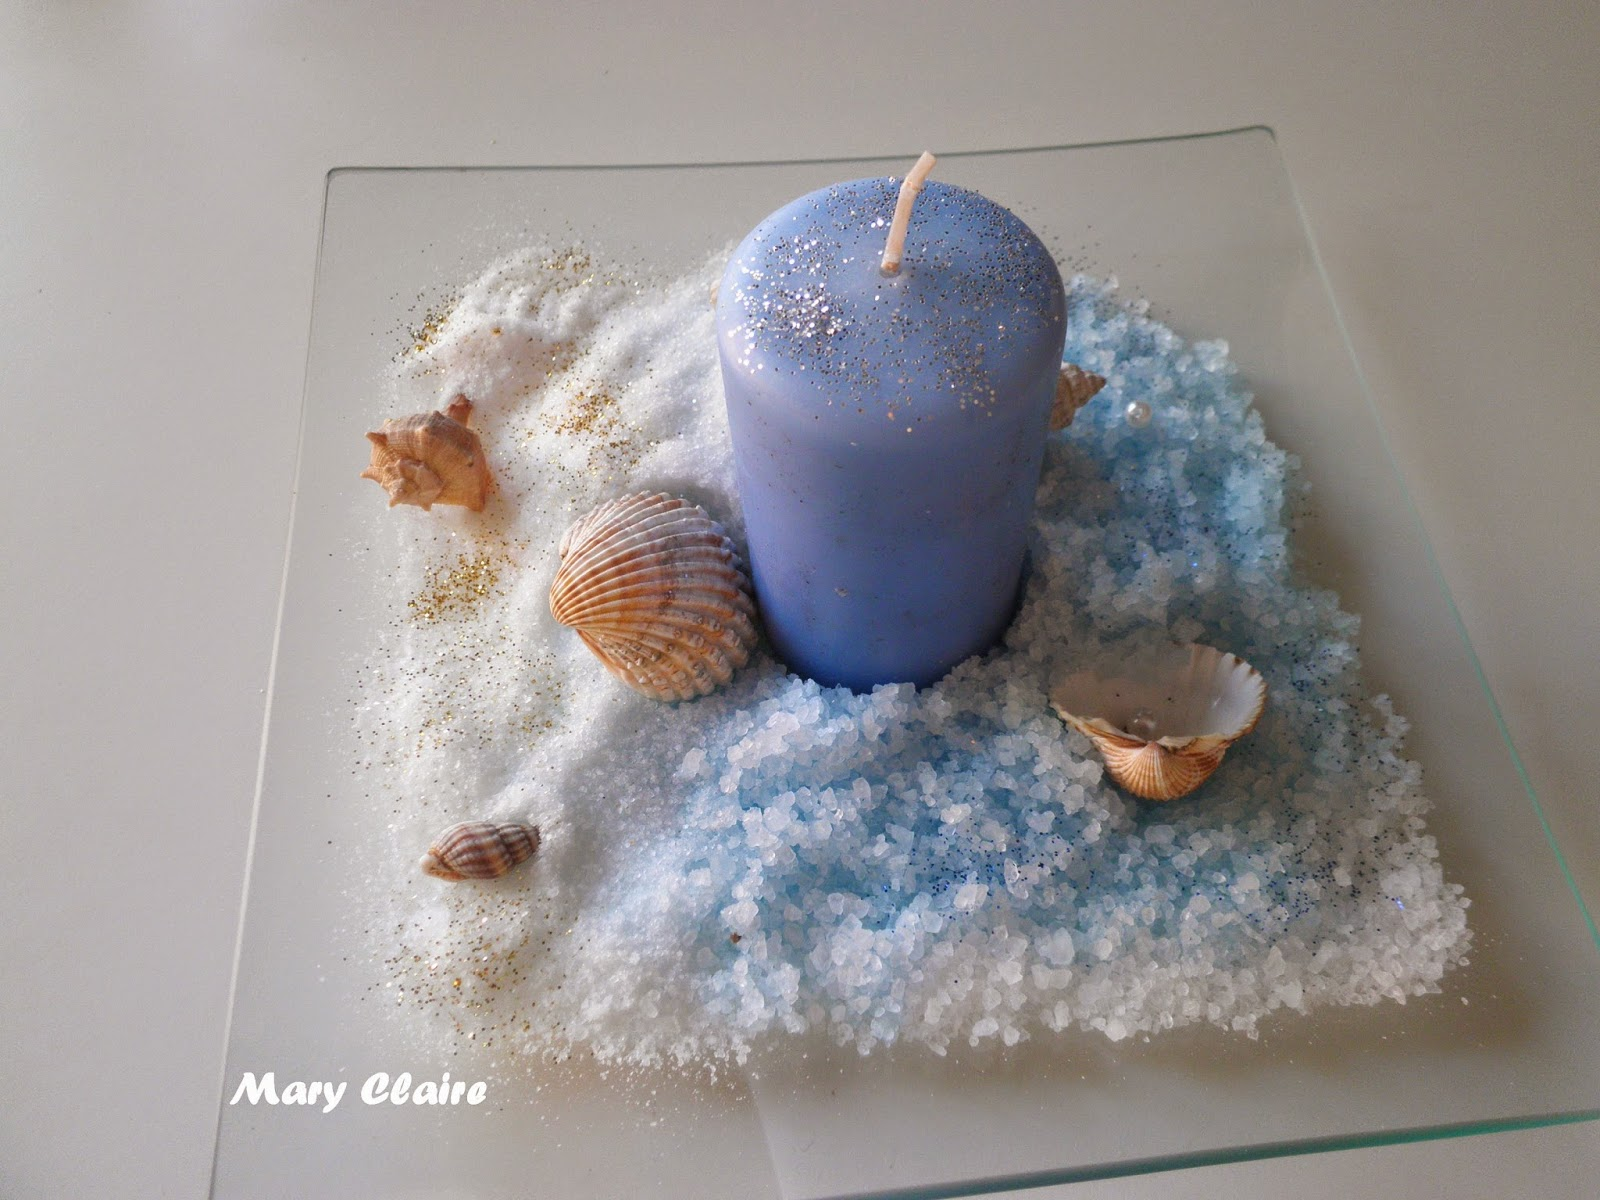 Mamma aiuta mamma lavoretti con sale e gessetti colorati - Tavola azzurra 3 ...